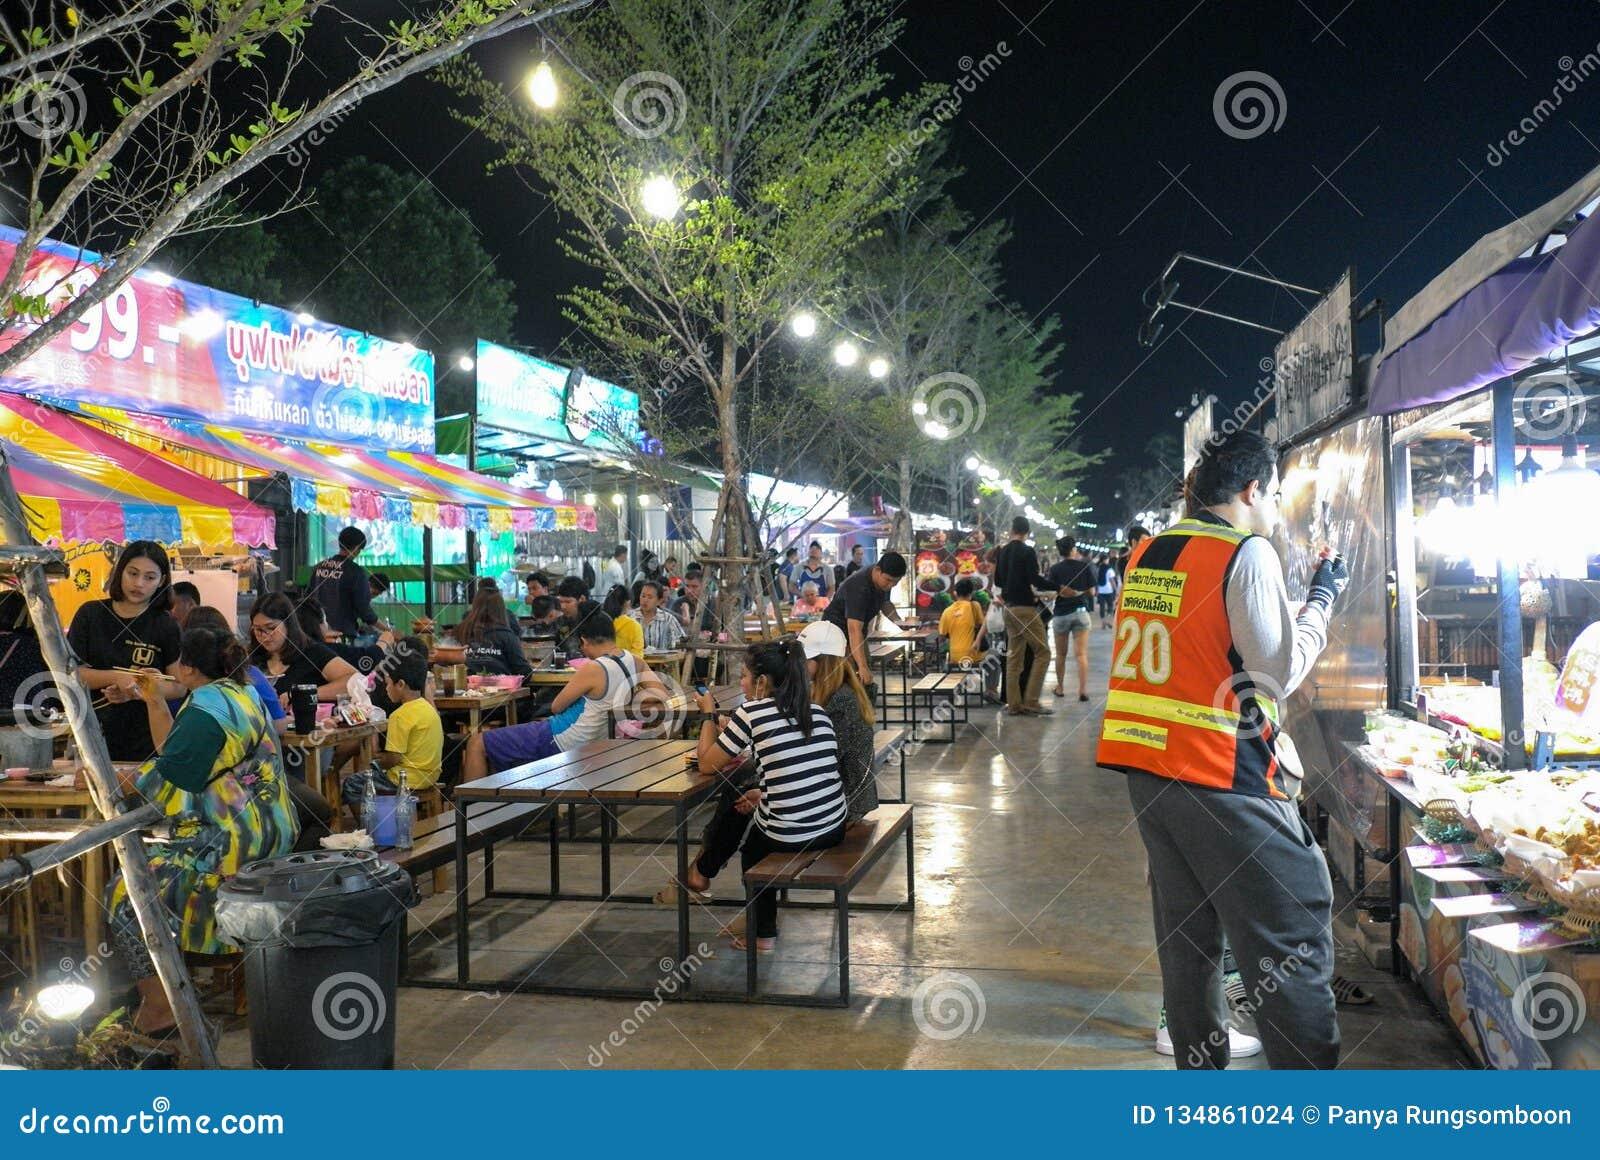 Het lopen van Straat is een toeristenbestemming voor mensen die in de avond willen eten